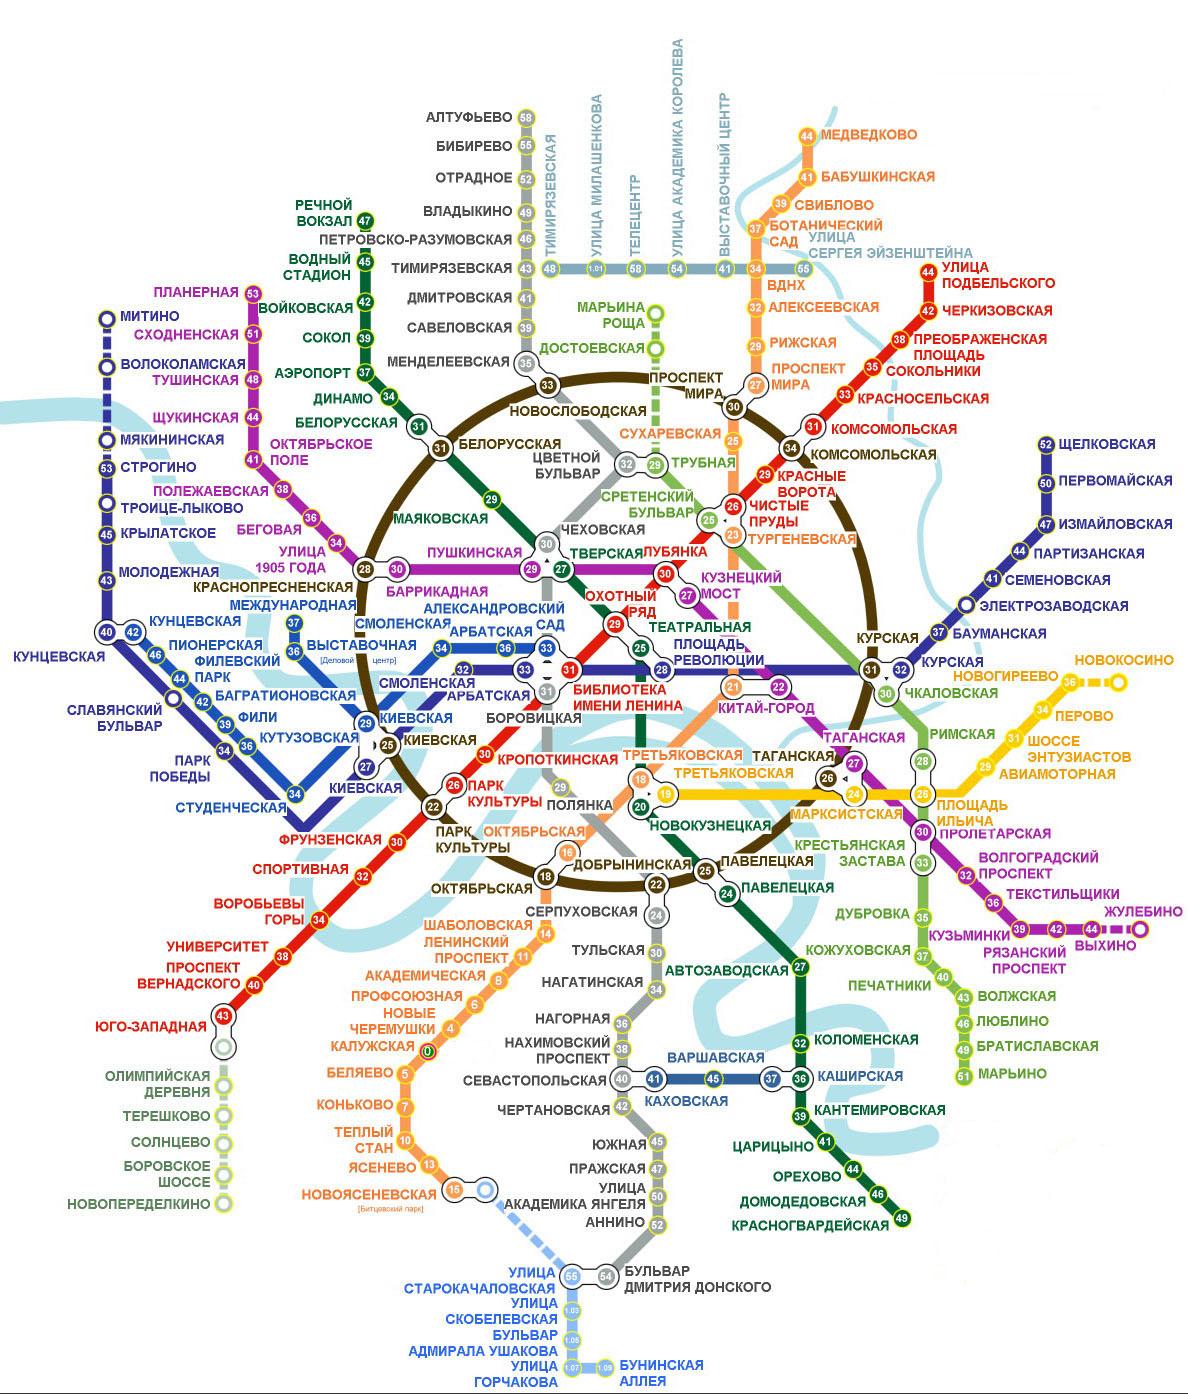 ...оснащенных длинными и запутанными ветками метро, переплетающимися в непонятные, порой, и очень сложные сети.